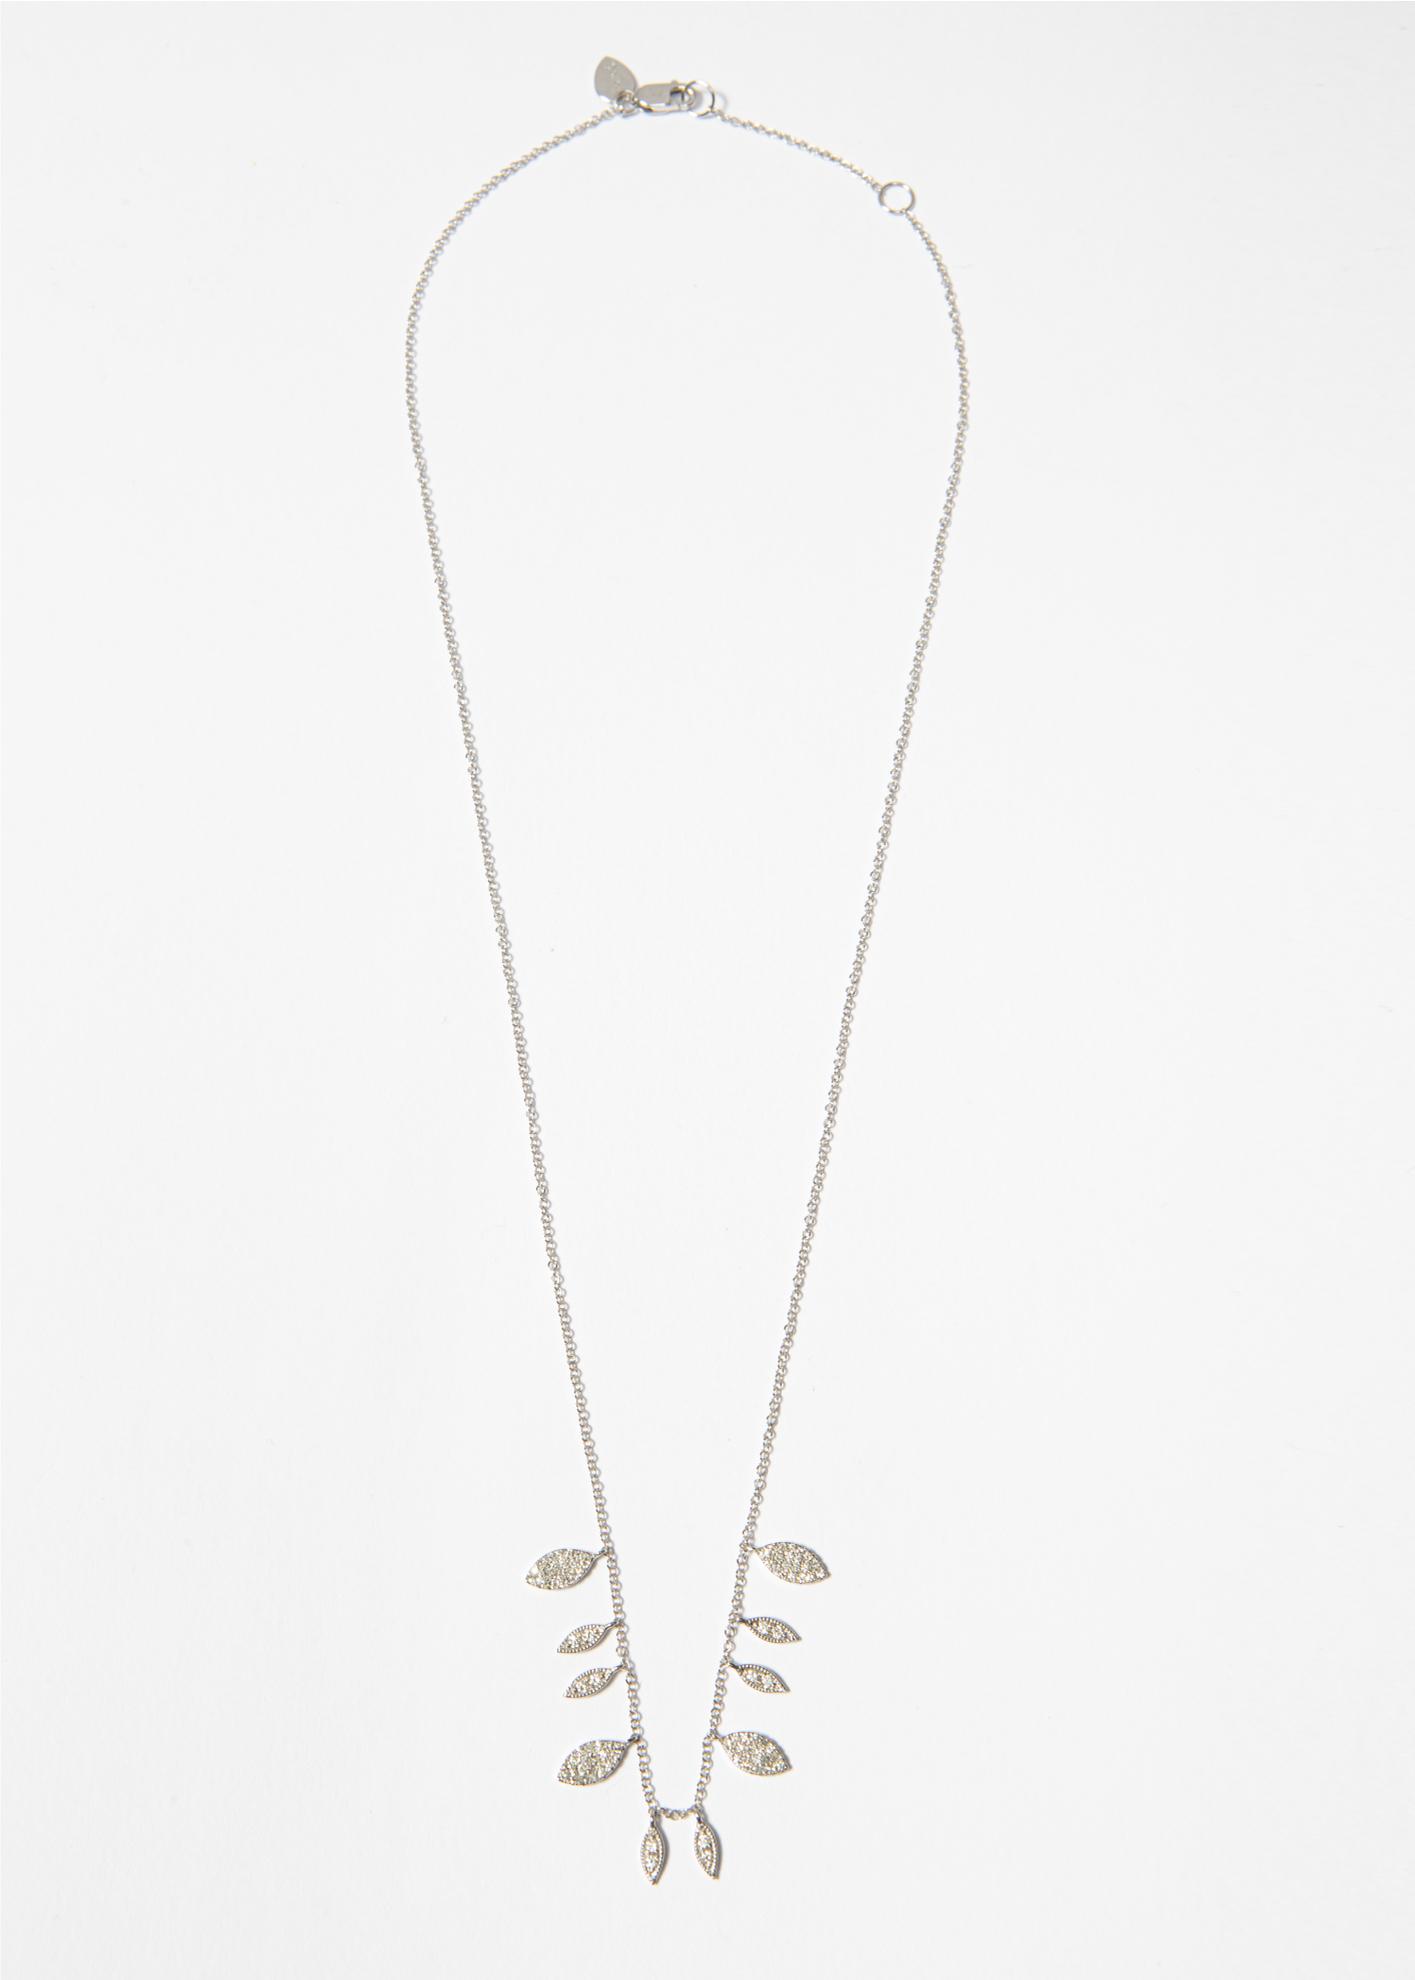 Collana in oro bianco con foglie pendenti in brillanti - Ivy Gioielli Prato